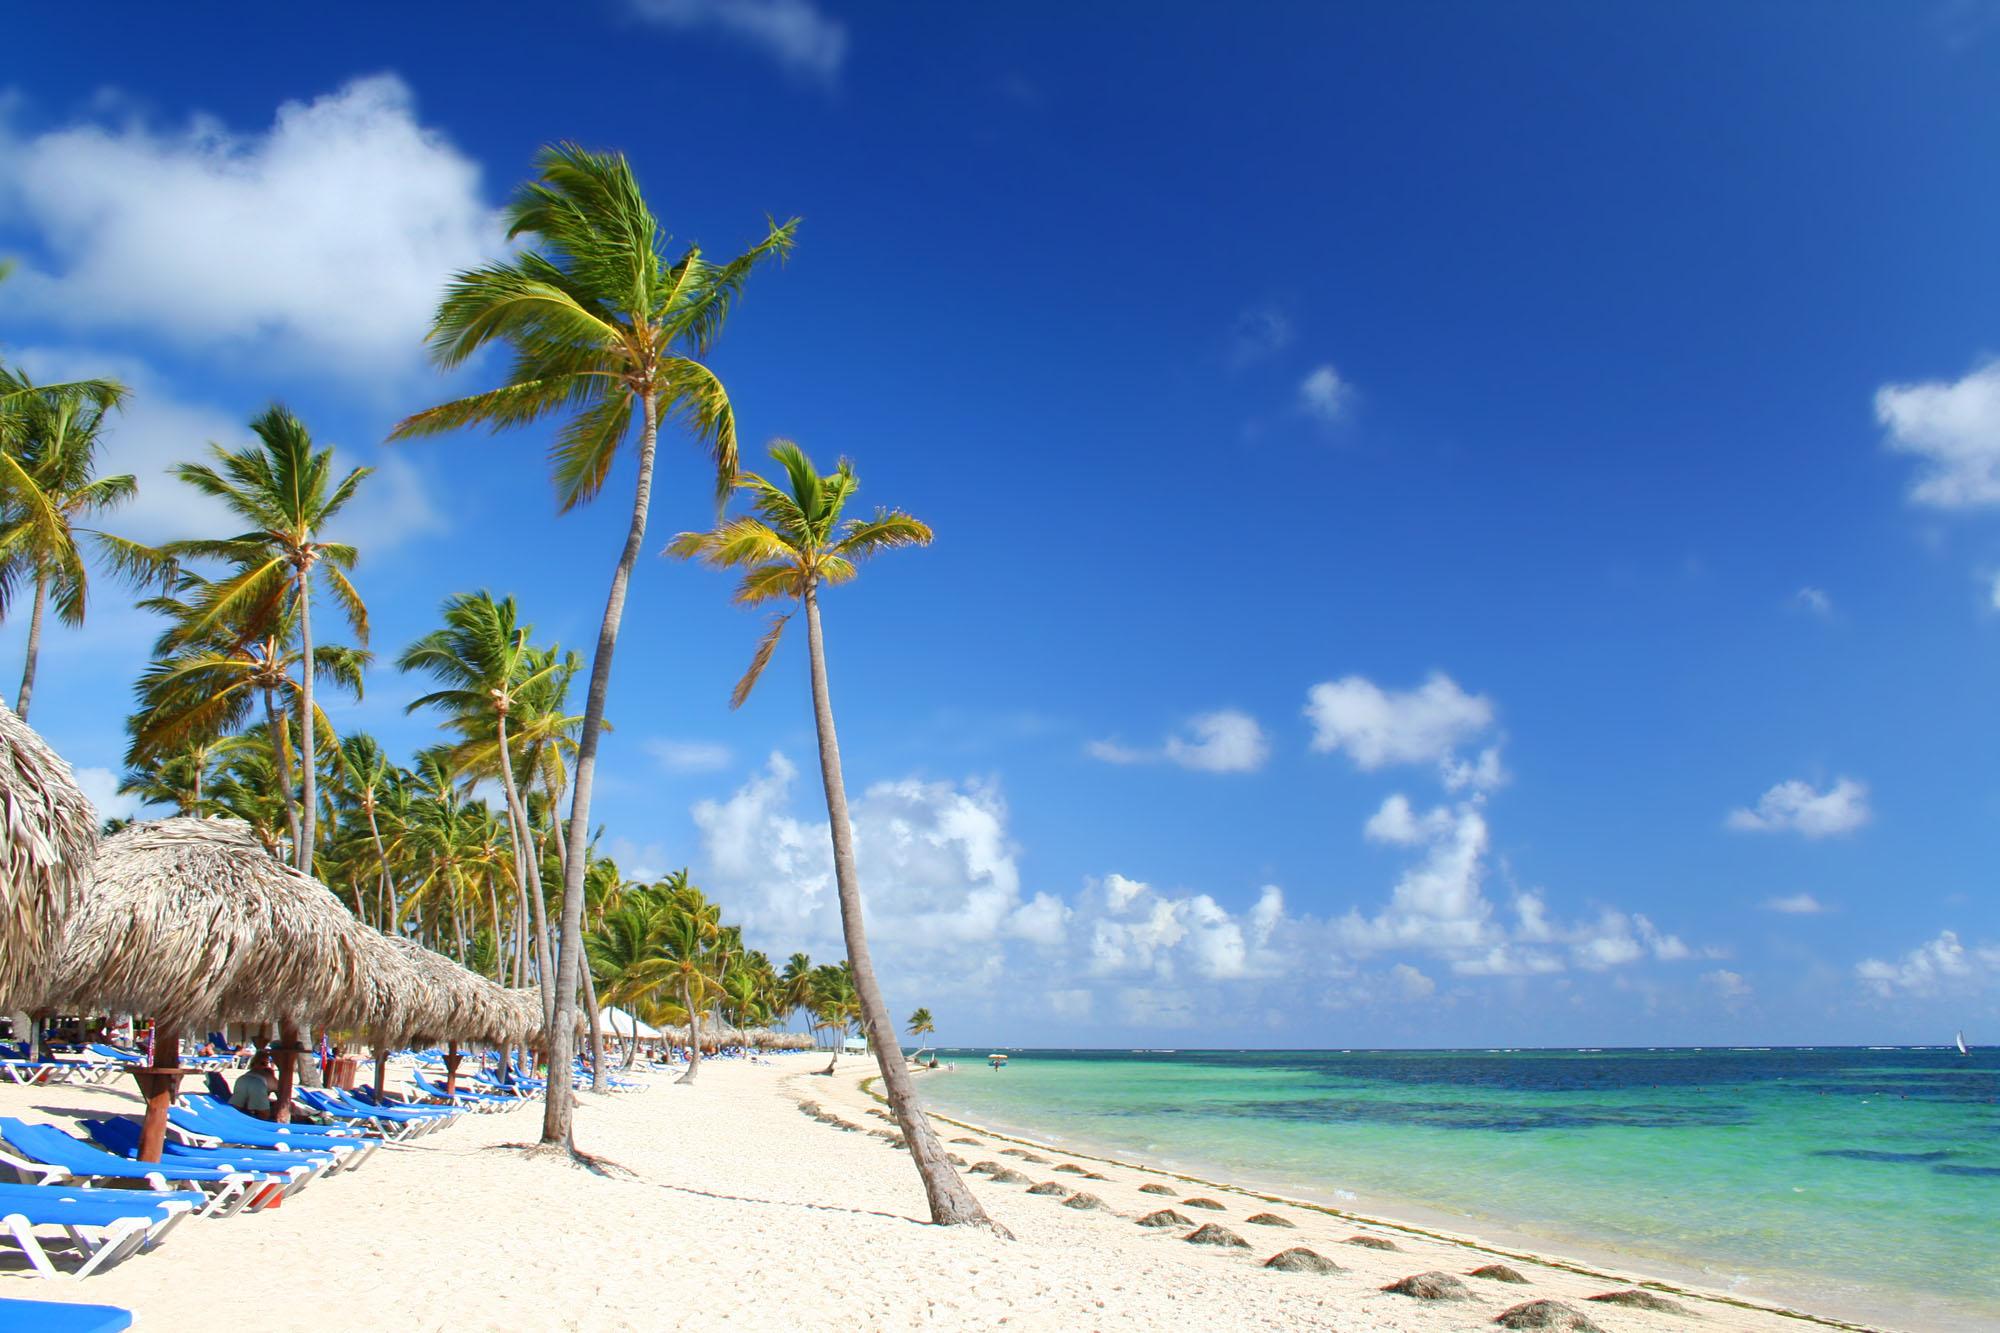 Πούντα Κάνα: Η ειδυλλιακή παραλία της Καραϊβικής που επισκέφτηκαν χθες οι παίκτες του Survivor (photos)